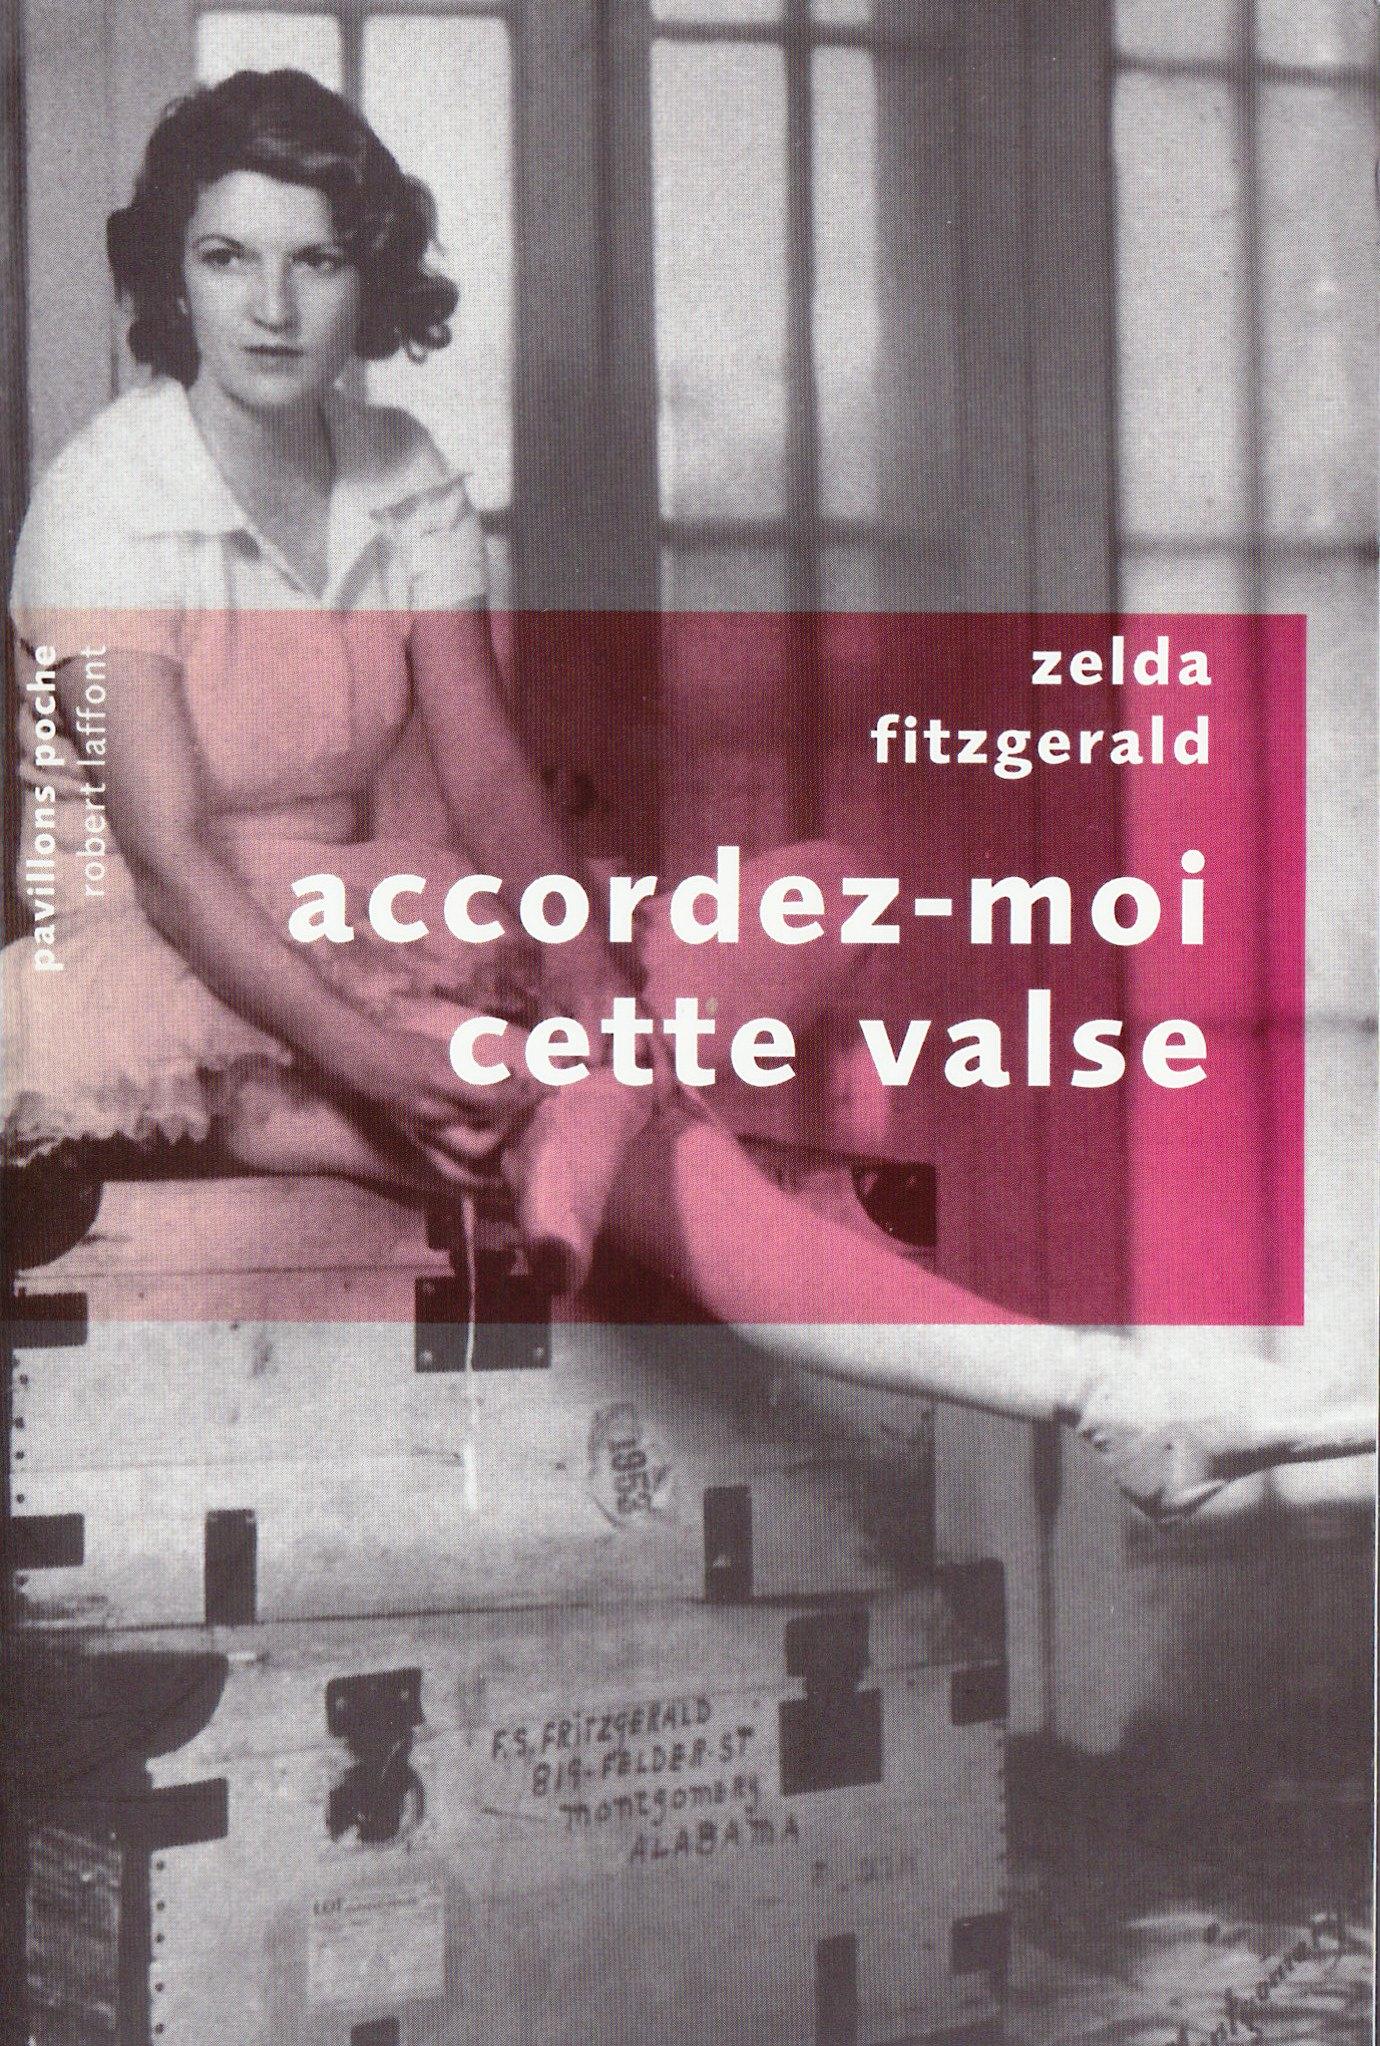 #8- La Fauteuse du mois – Zelda Fitzgerald : Muse de la folie ou folie créatrice ?